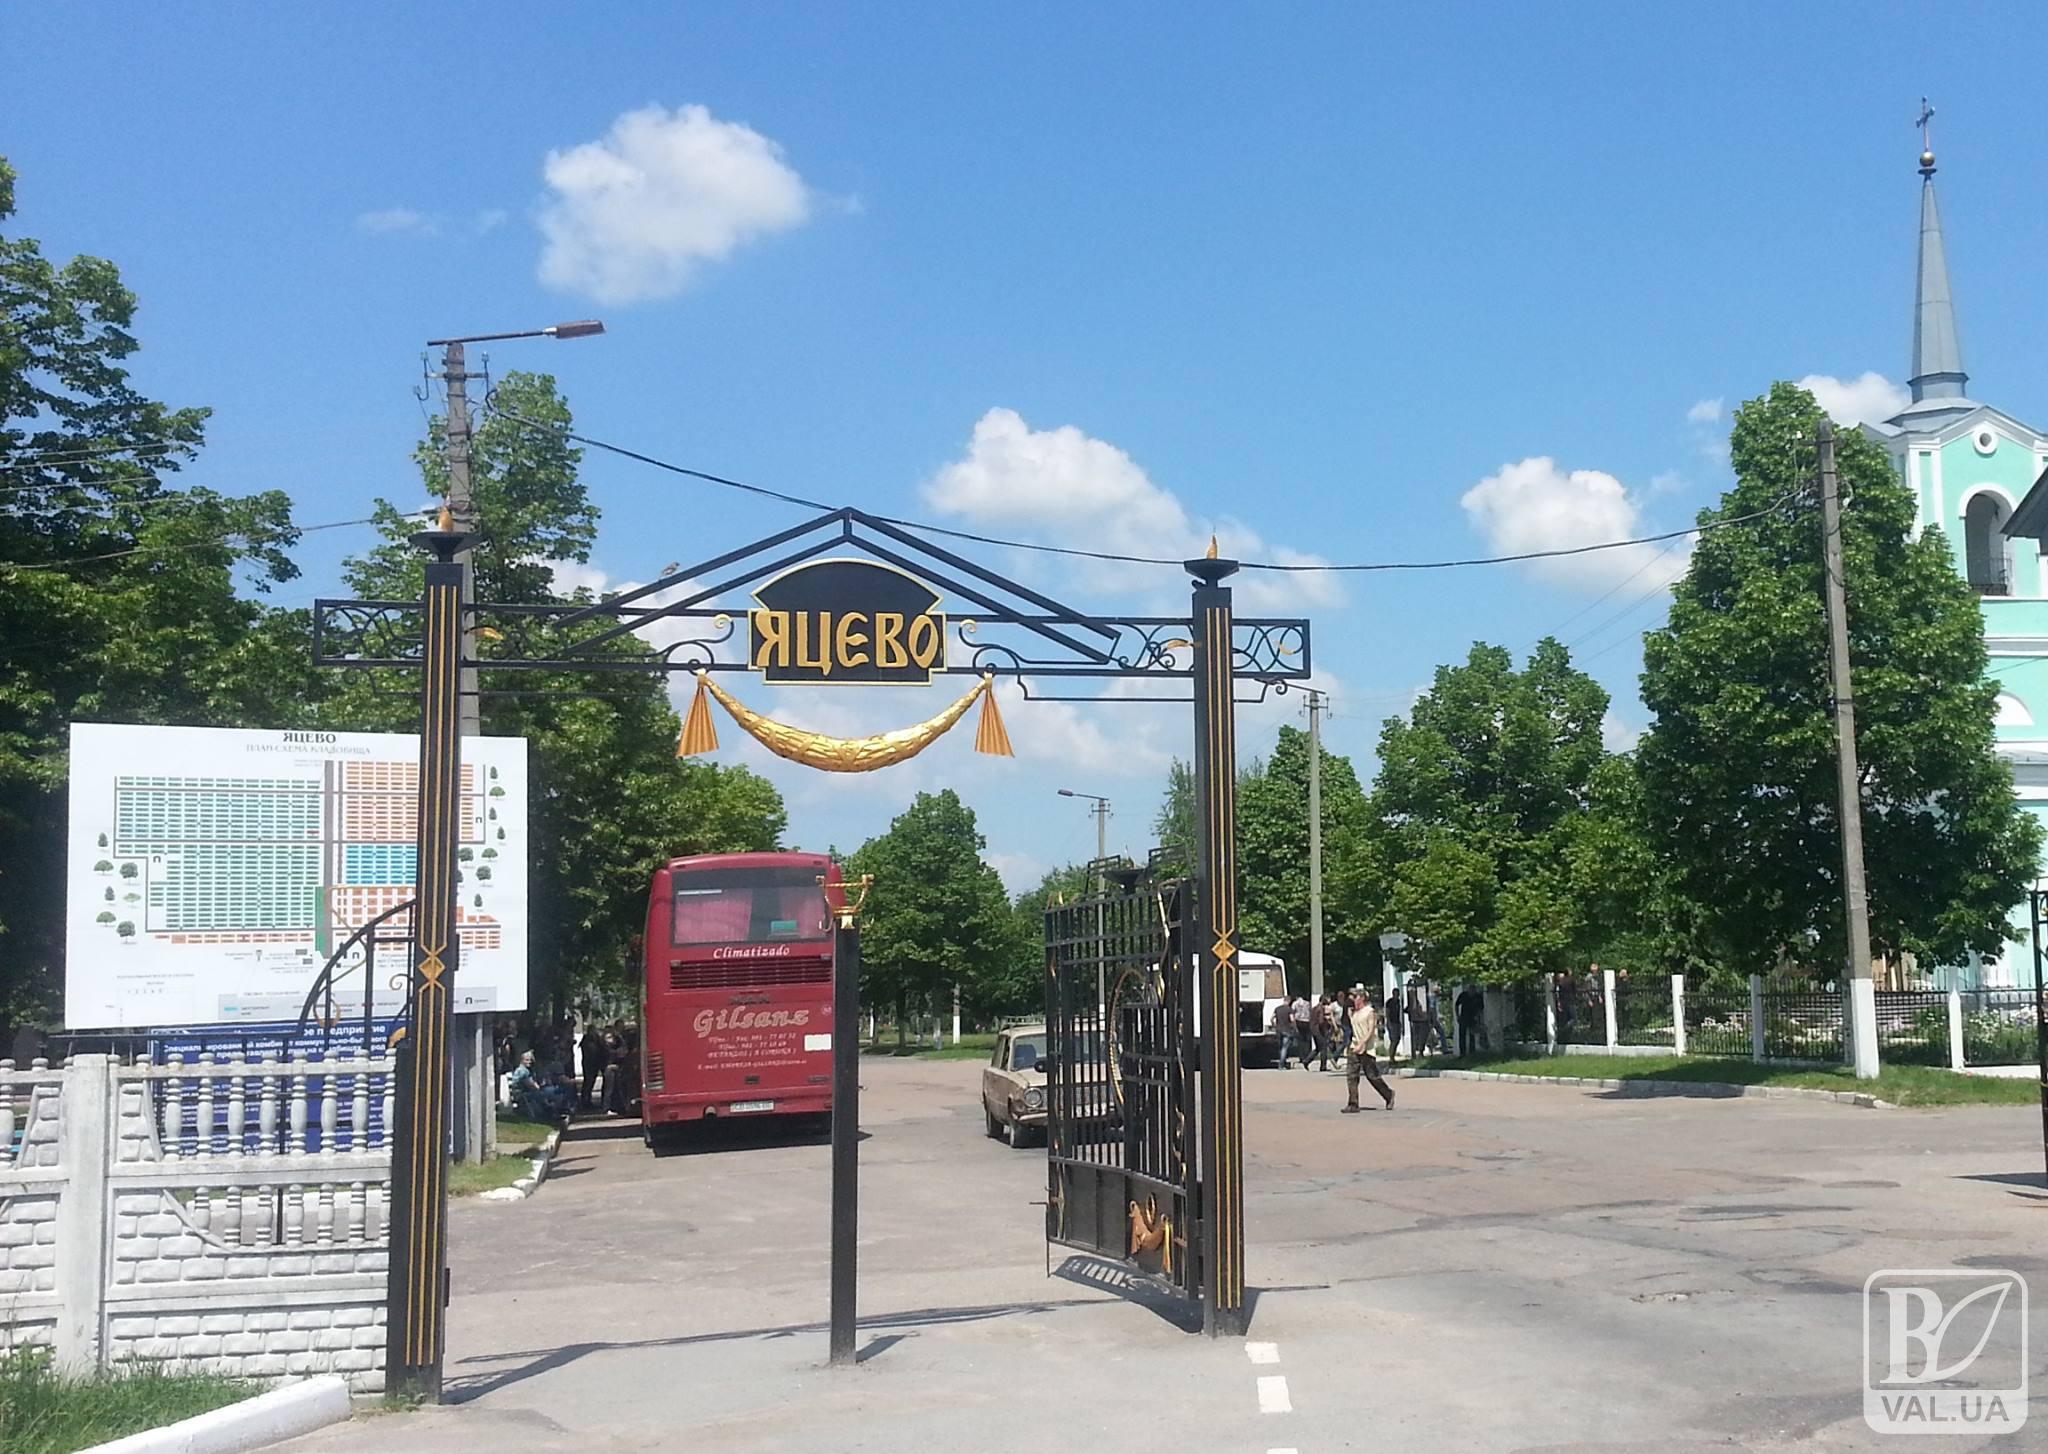 Місця усім вистачить: у Чернігові розширять кладовище за 3 мільйони